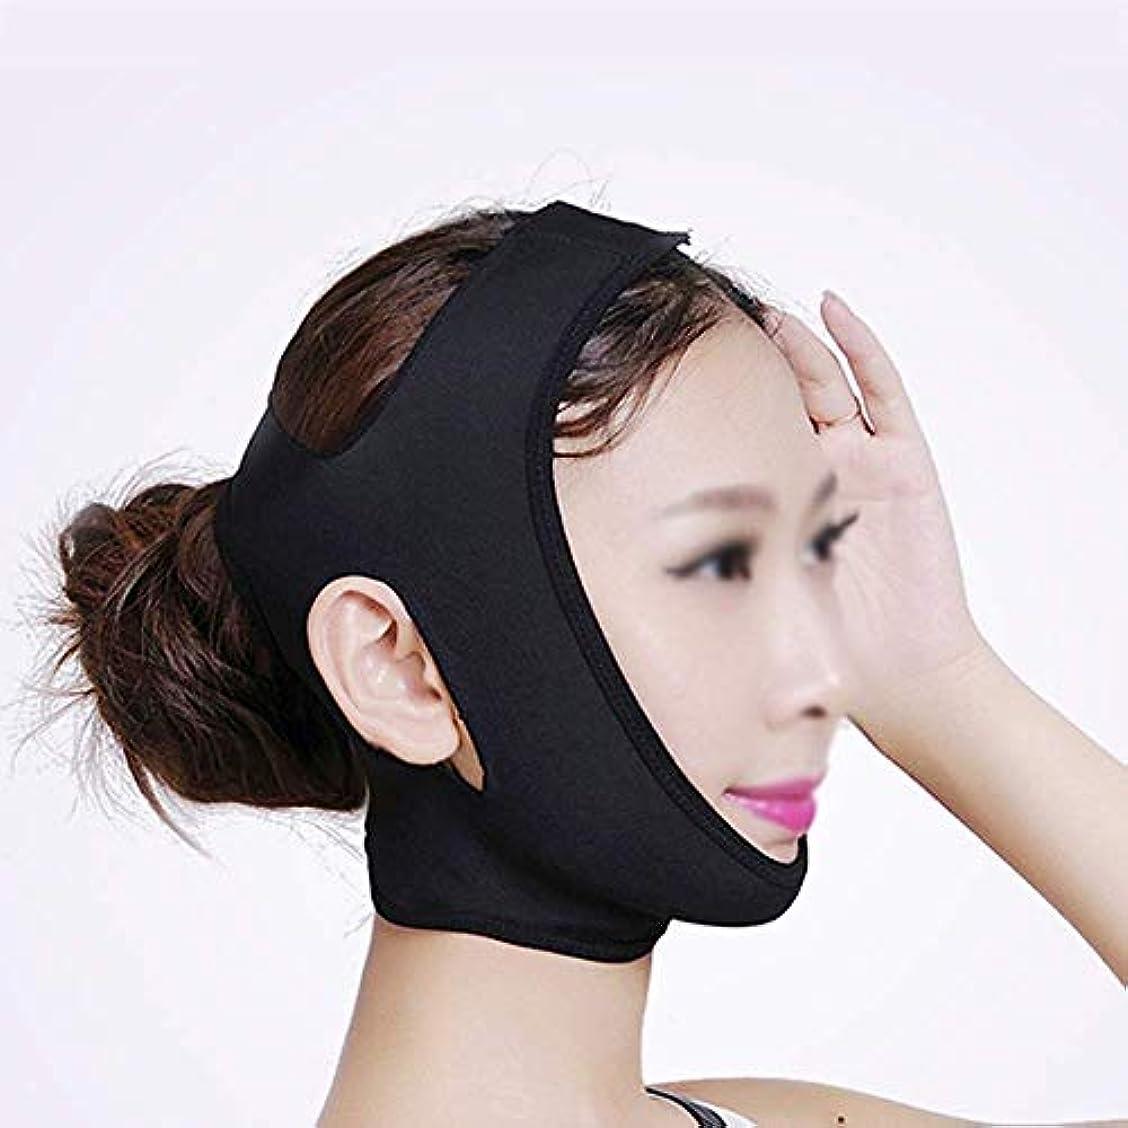 他にお香認証フェイシャル減量マスクリフティングフェイス、フェイスマスク、減量包帯を除去するためのダブルチン、フェイシャルリフティング包帯、ダブルチンを減らすためのリフティングベルト(カラー:ブラック、サイズ:M),黒、M